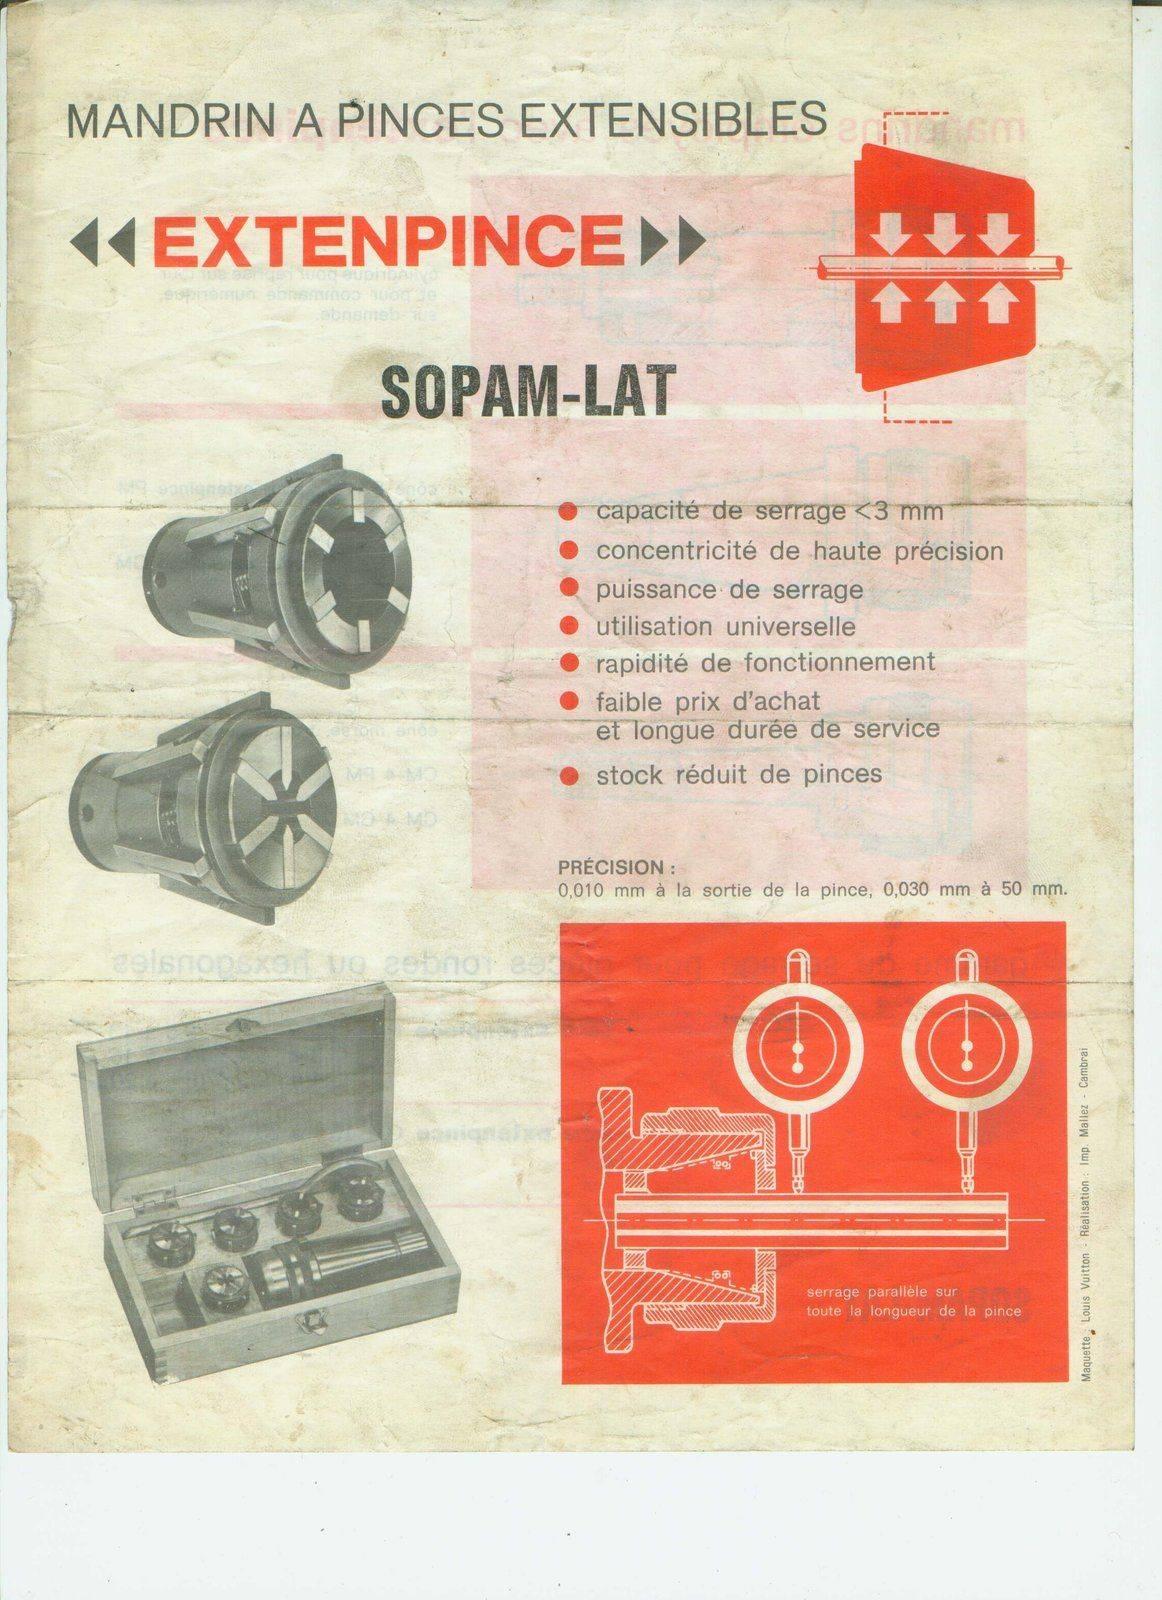 Extenpince.jpg